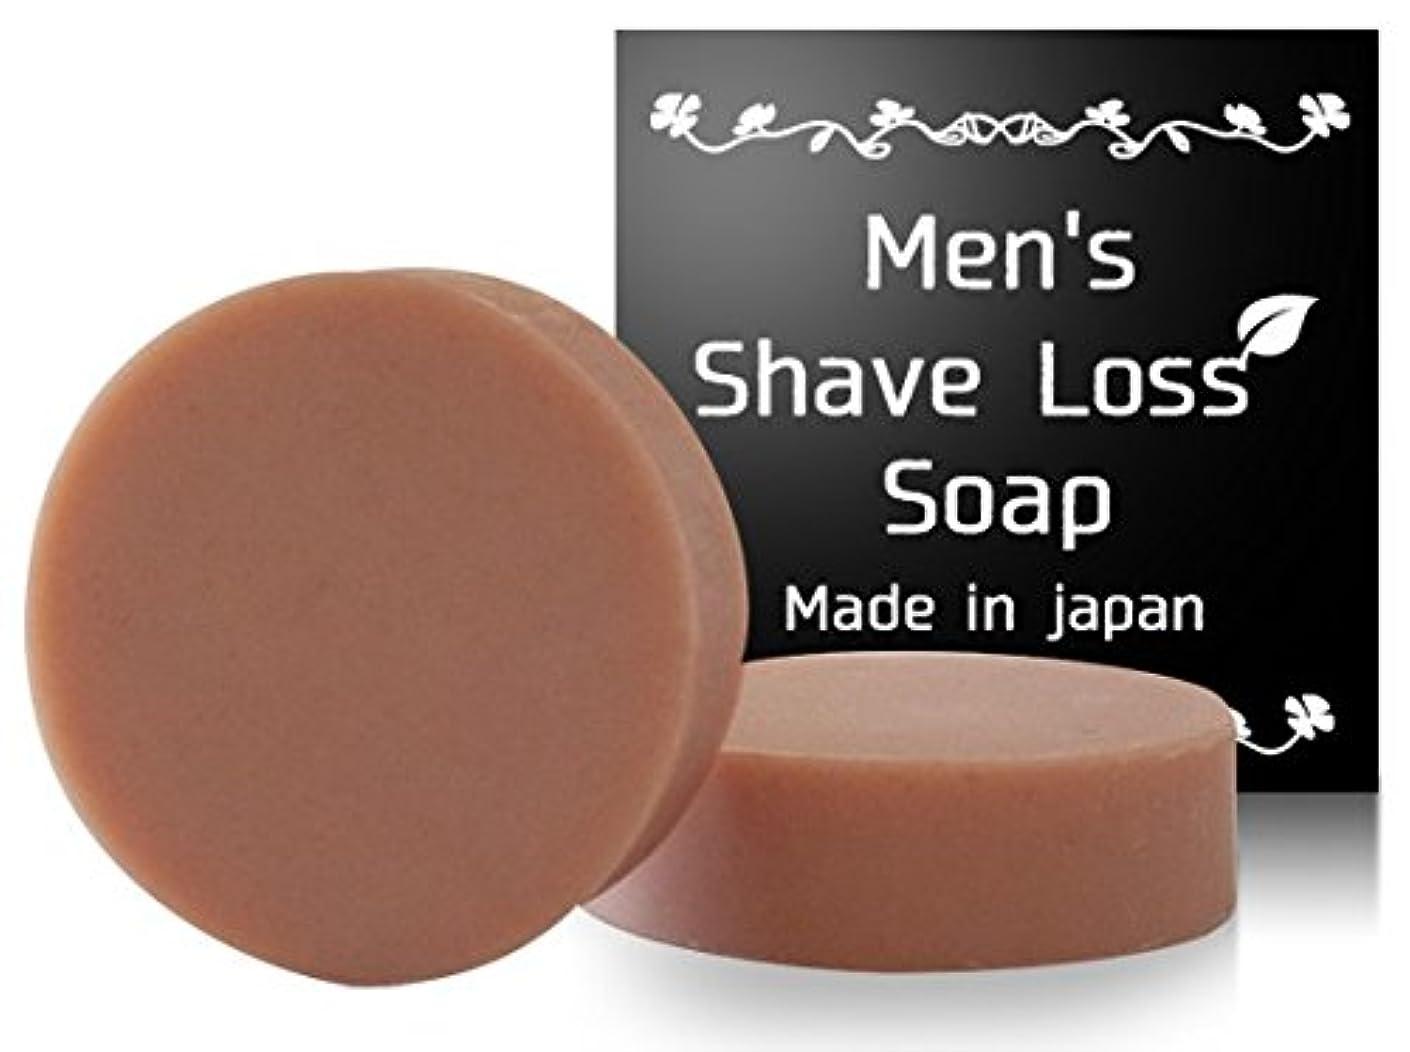 トレース告白言うMens Shave Loss Soap シェーブロス 剛毛は嫌!ツルツル過ぎも嫌! そんな夢を叶えた奇跡の石鹸! 【男性専用】(1個)